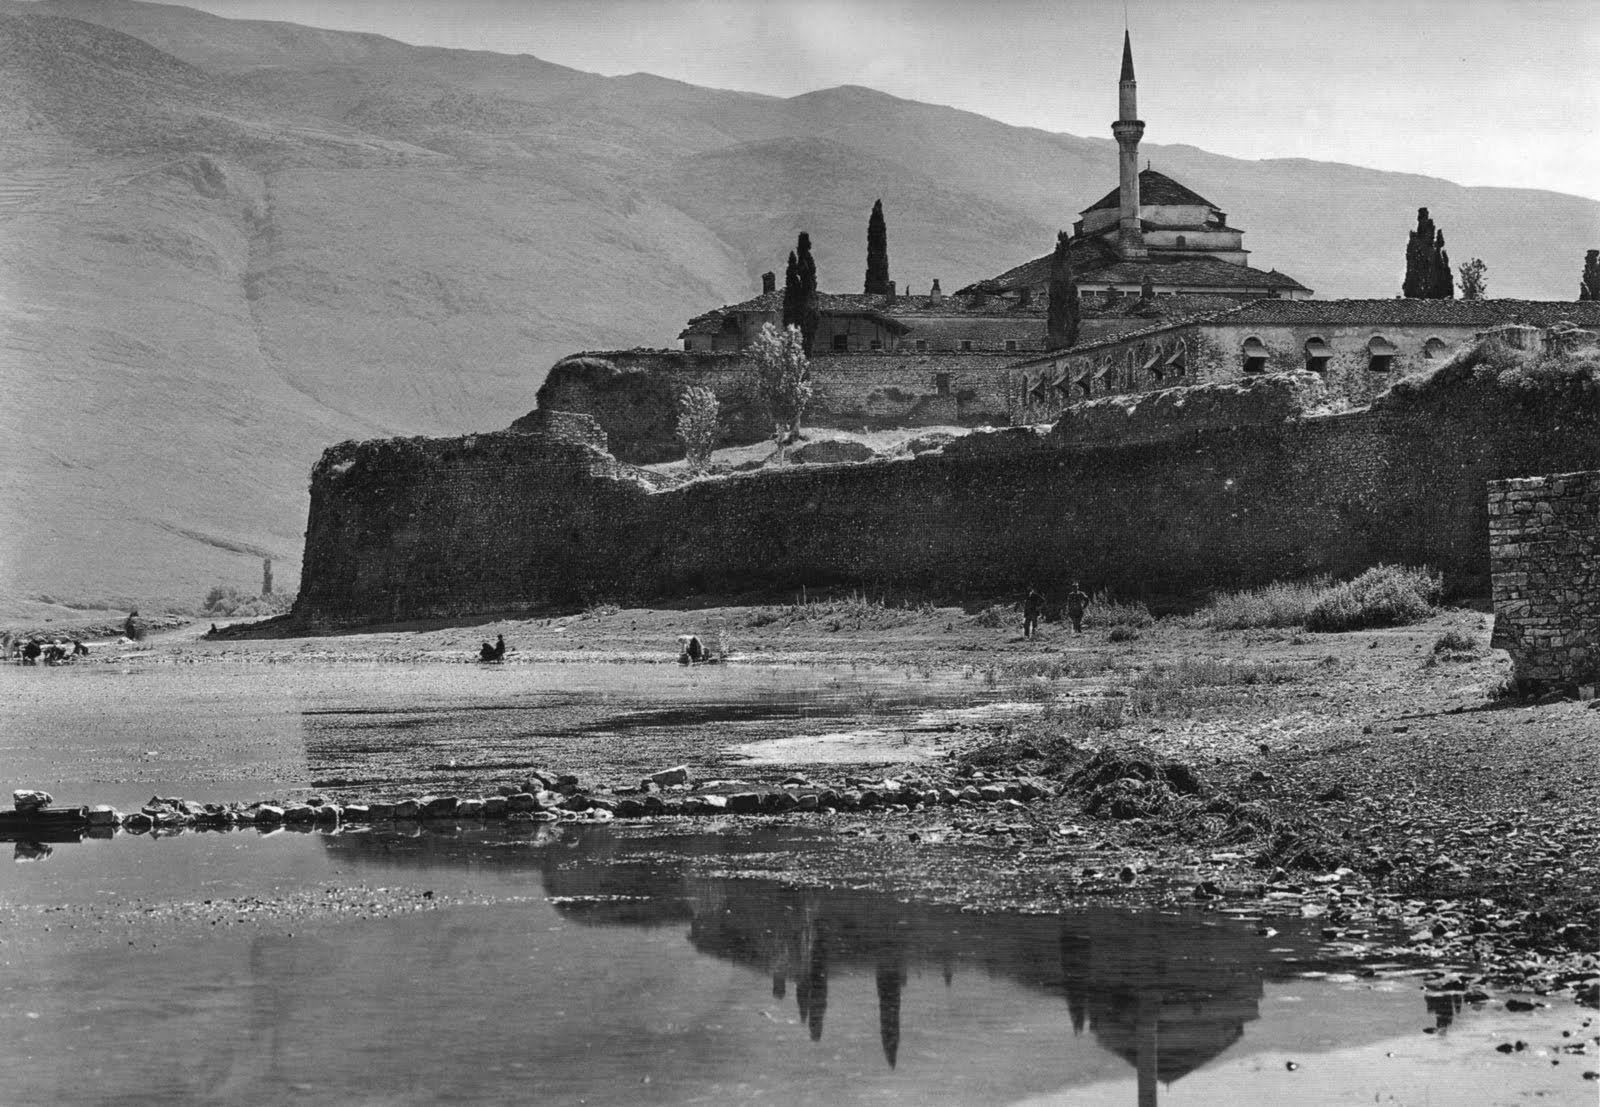 Ιωάννινα, η λίμνη με το κάστρο, 1913 #ioannina-grecce Ιωάννινα, η λίμνη με το κάστρο, 1913 #ioannina-grecce Ιωάννινα, η λίμνη με το κάστρο, 1913 #ioannina-grecce Ιωάννινα, η λίμνη με το κάστρο, 1913 #ioannina-grecce Ιωάννινα, η λίμνη με το κάστρο, 1913 #ioannina-grecce Ιωάννινα, η λίμνη με το κάστρο, 1913 #ioannina-grecce Ιωάννινα, η λίμνη #ioannina-grecce